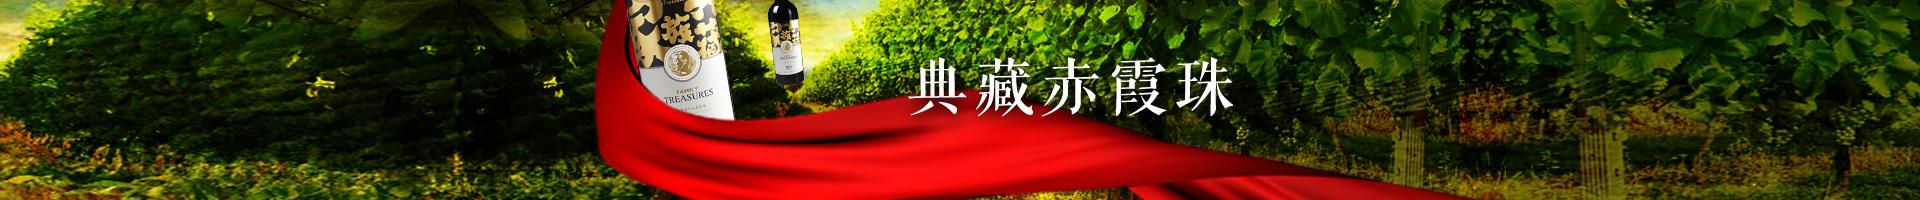 宁夏利思葡萄酒庄有限公司